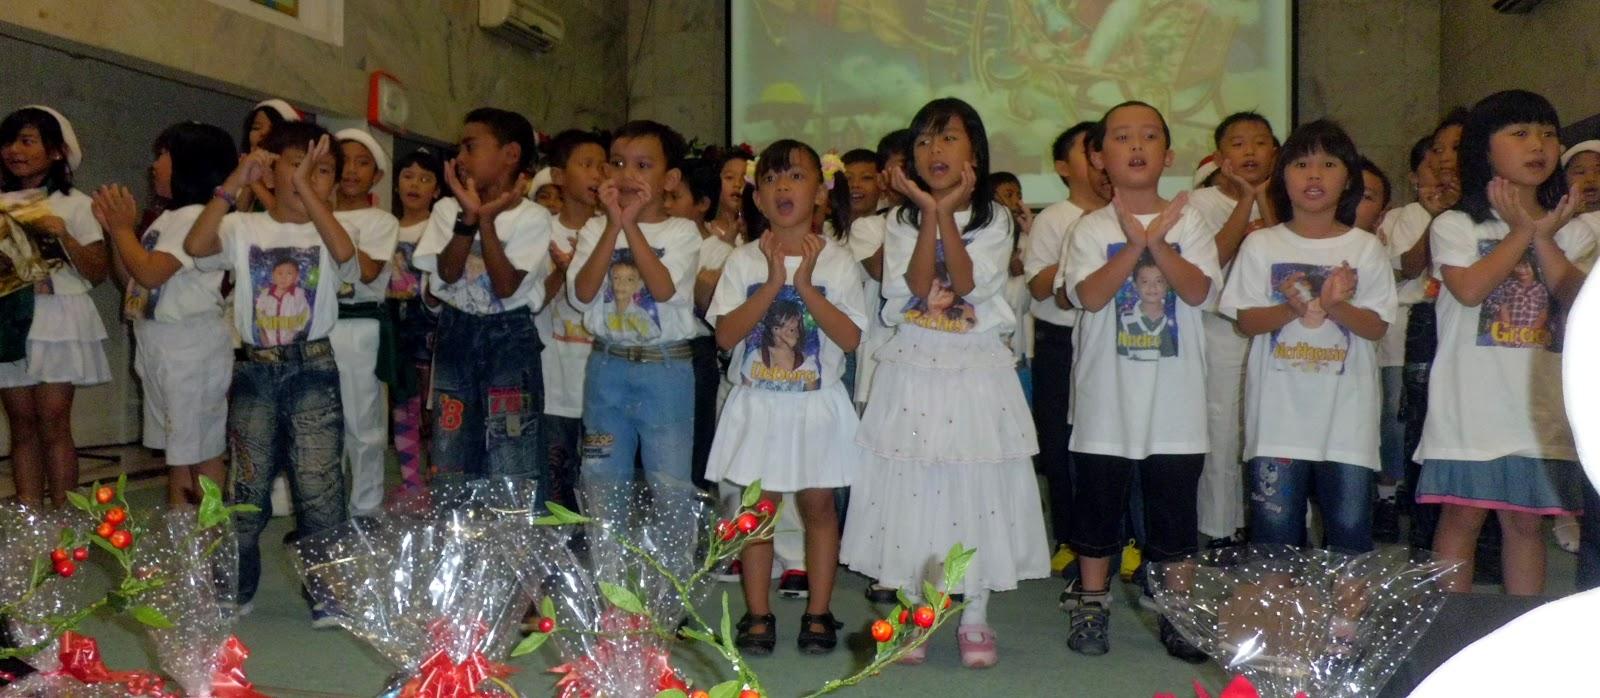 penuh sukacita anak anak mempersembahkan pujian dan tarian natal